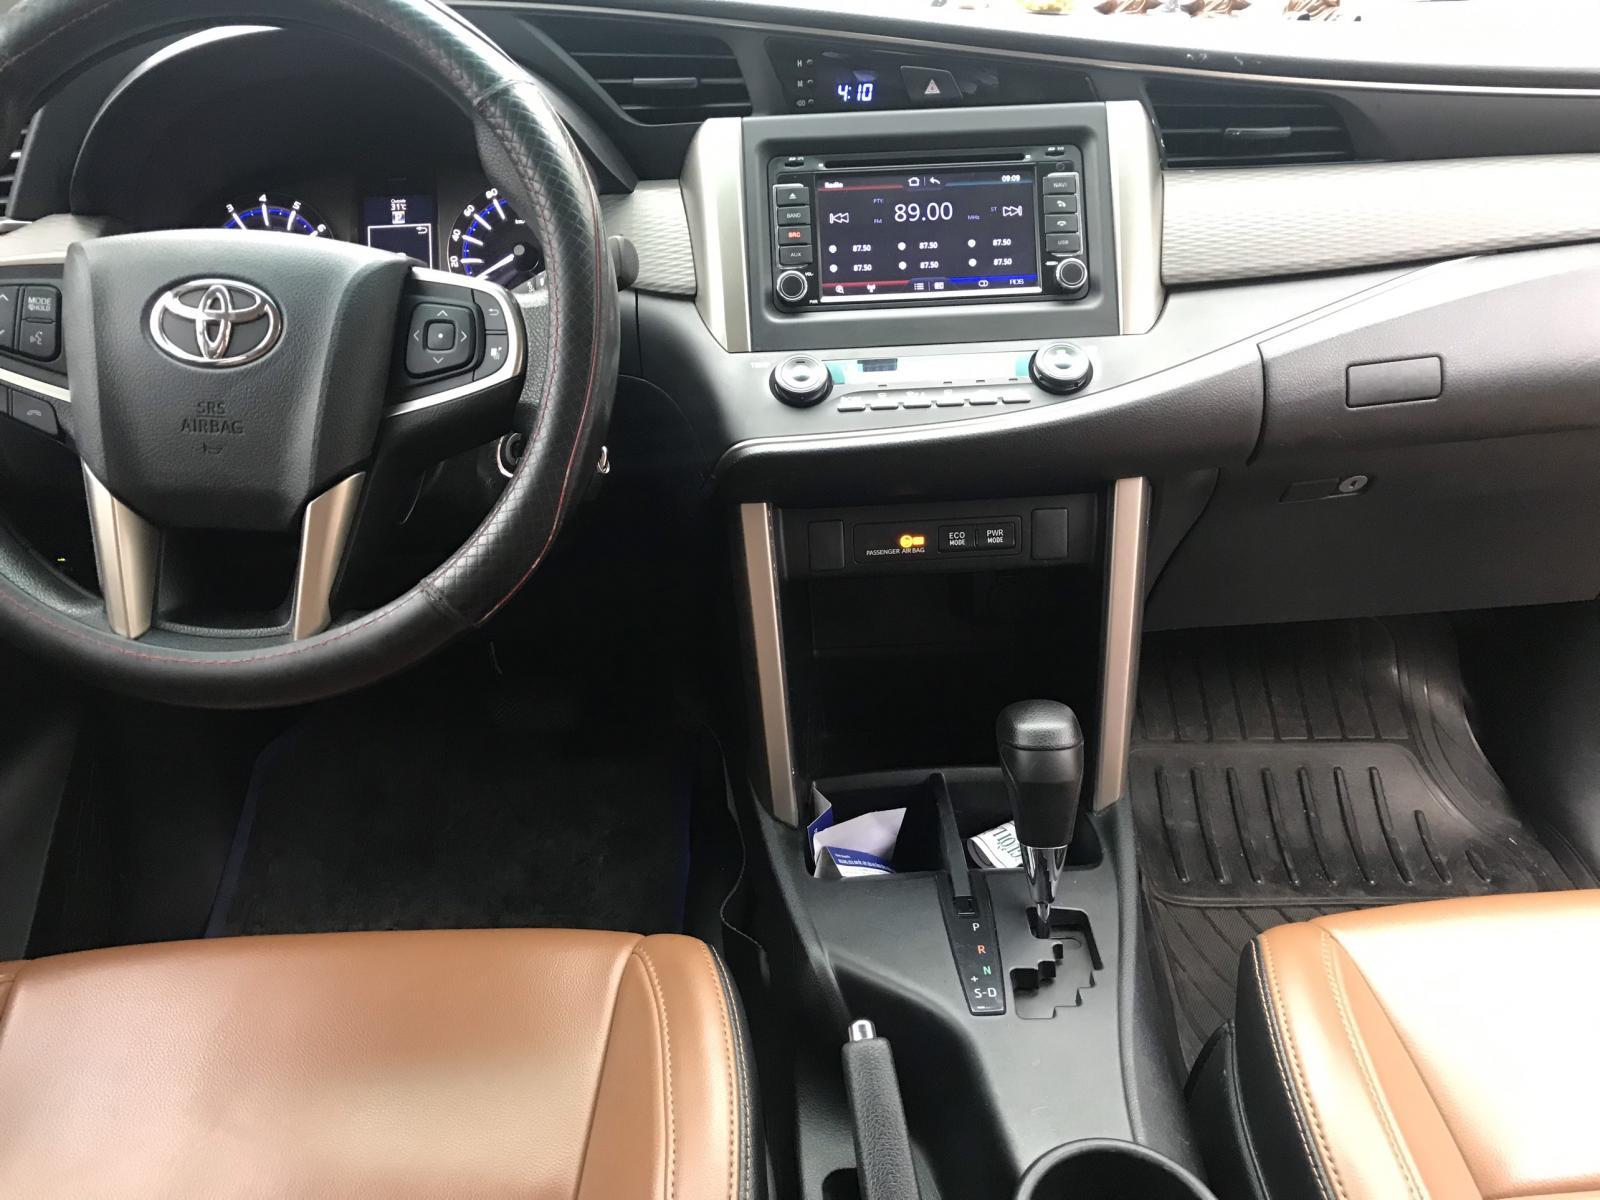 Cần bán xe Toyota Innova G đời 2017, màu đồng ánh kim siêu đẹp